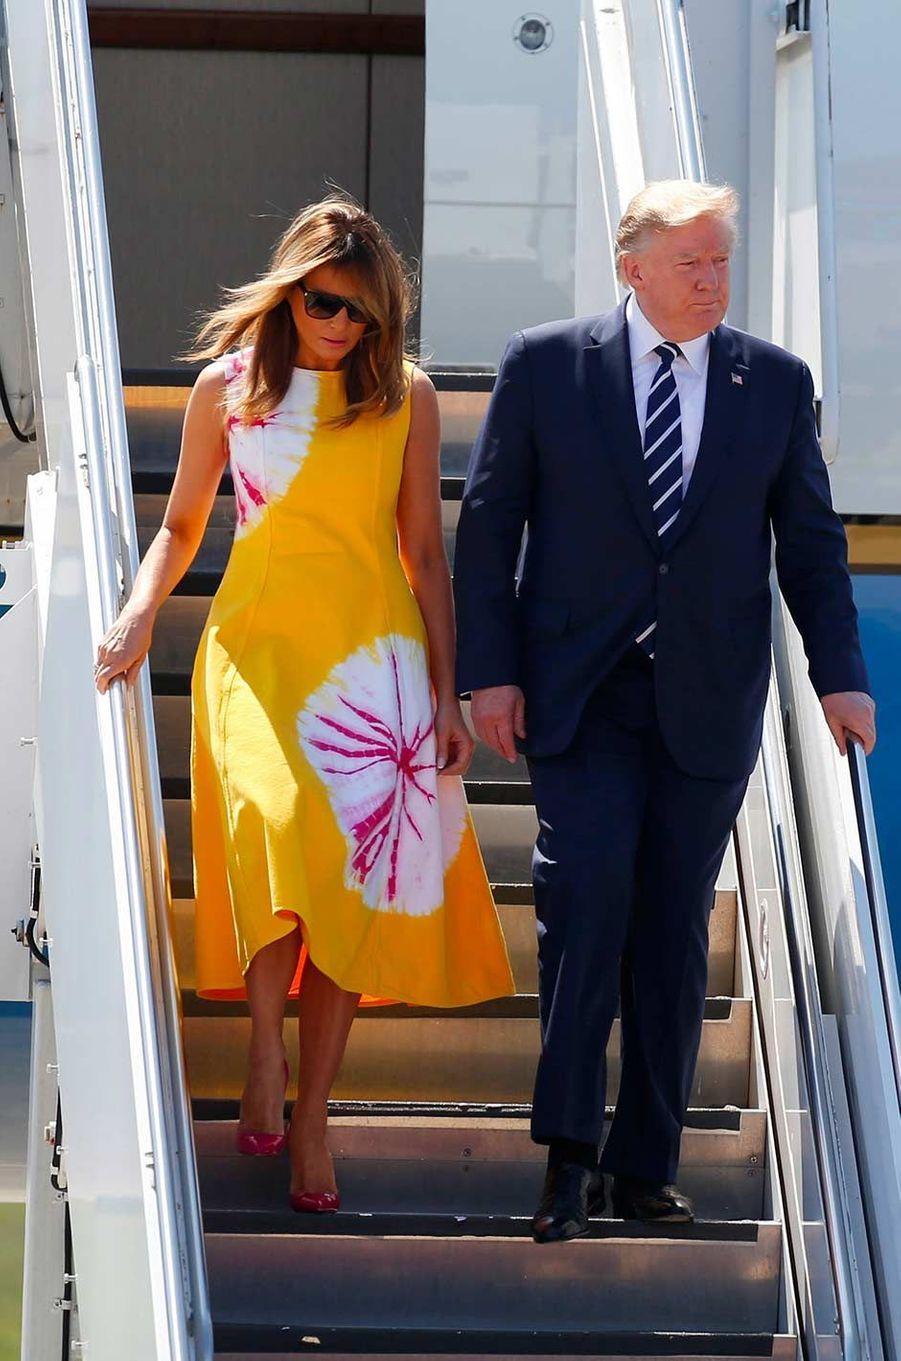 Melania Trump arrivant en France pour le sommet du G7, le 24 août 2019.